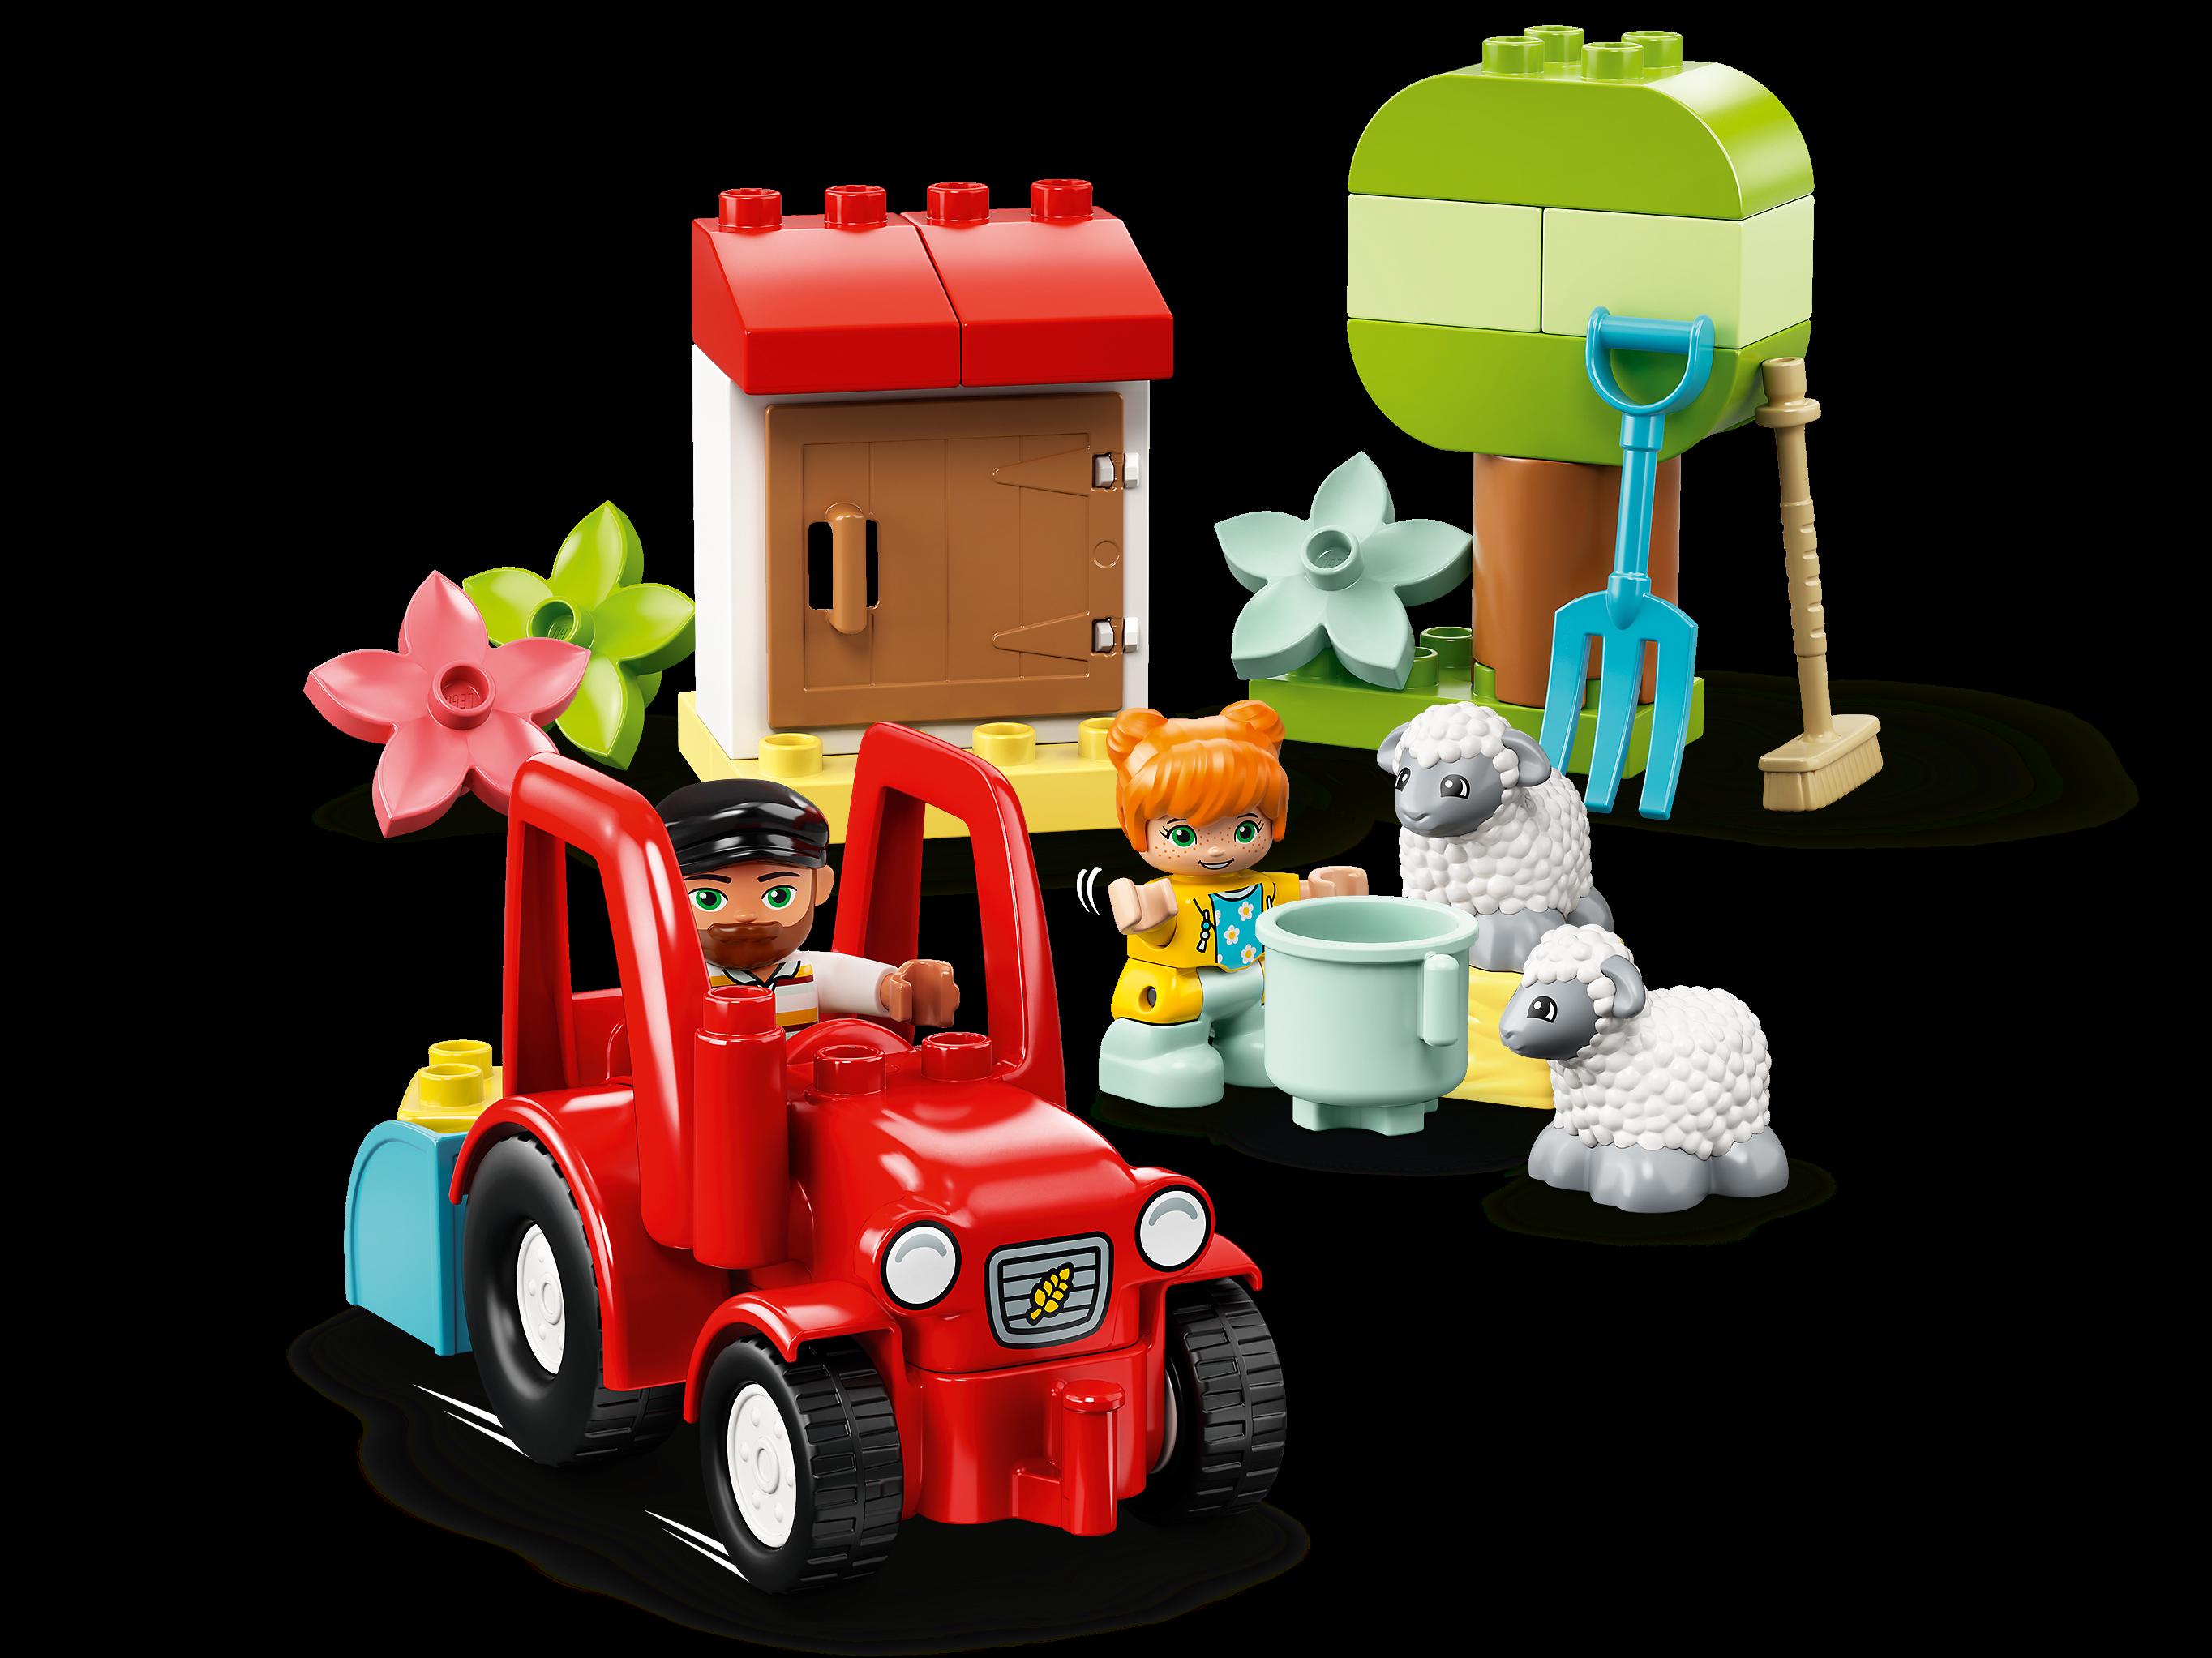 LEGO DUPLO 10950 Traktor och djurskötsel